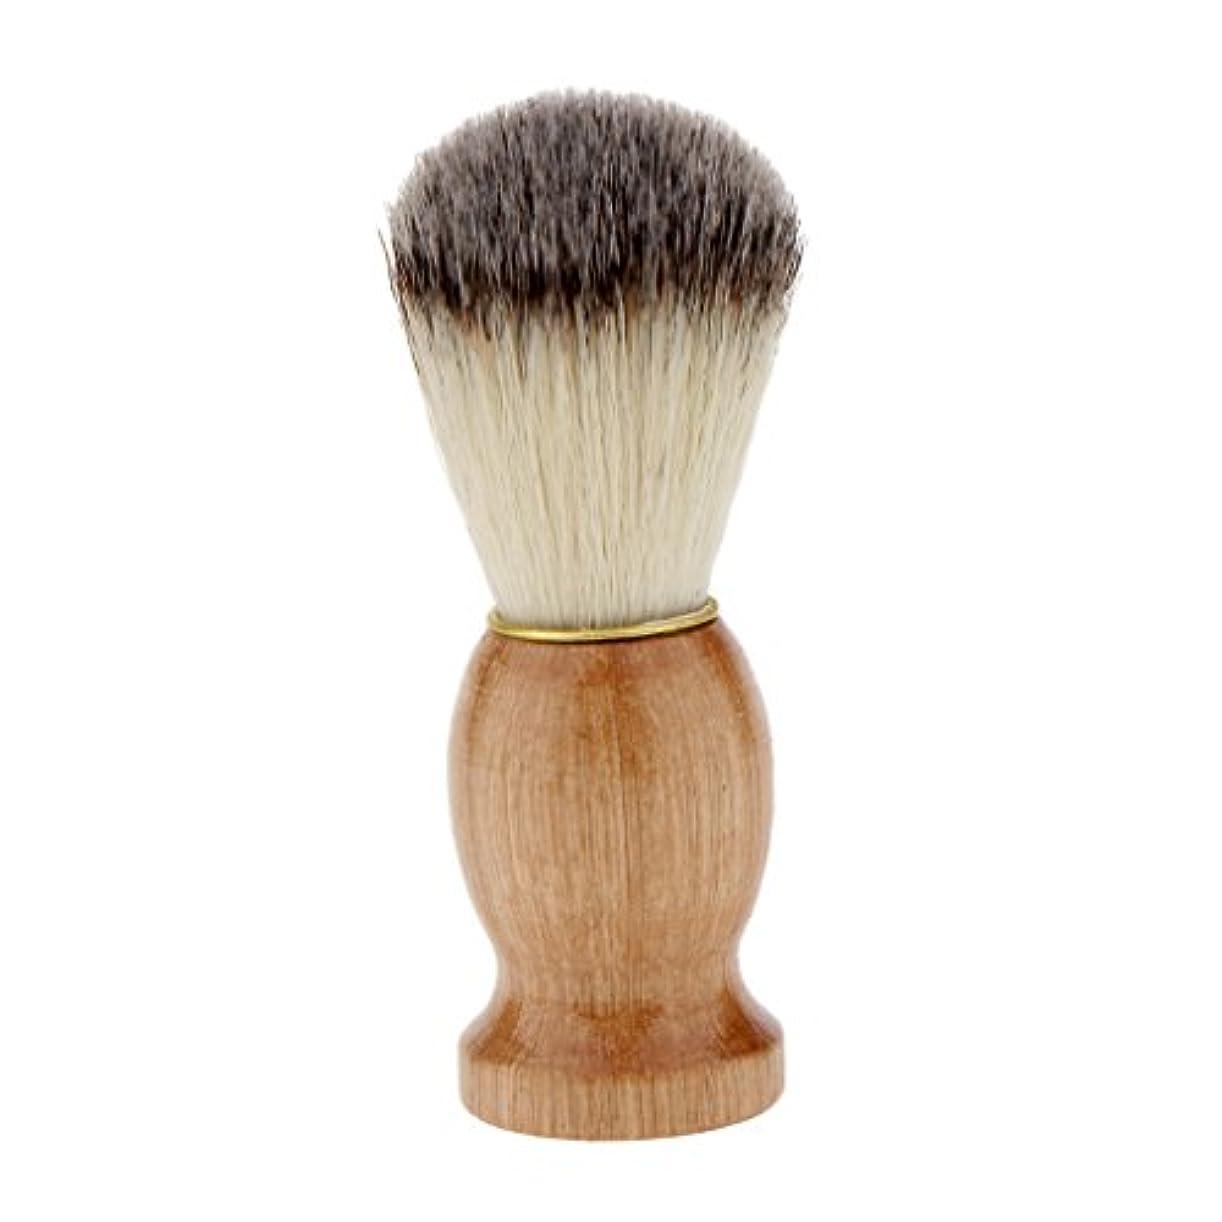 ビスケット免除許すKesoto シェービングブラシ コスメブラシ 木製ハンドル メンズ ひげ剃りブラシ クレンジング